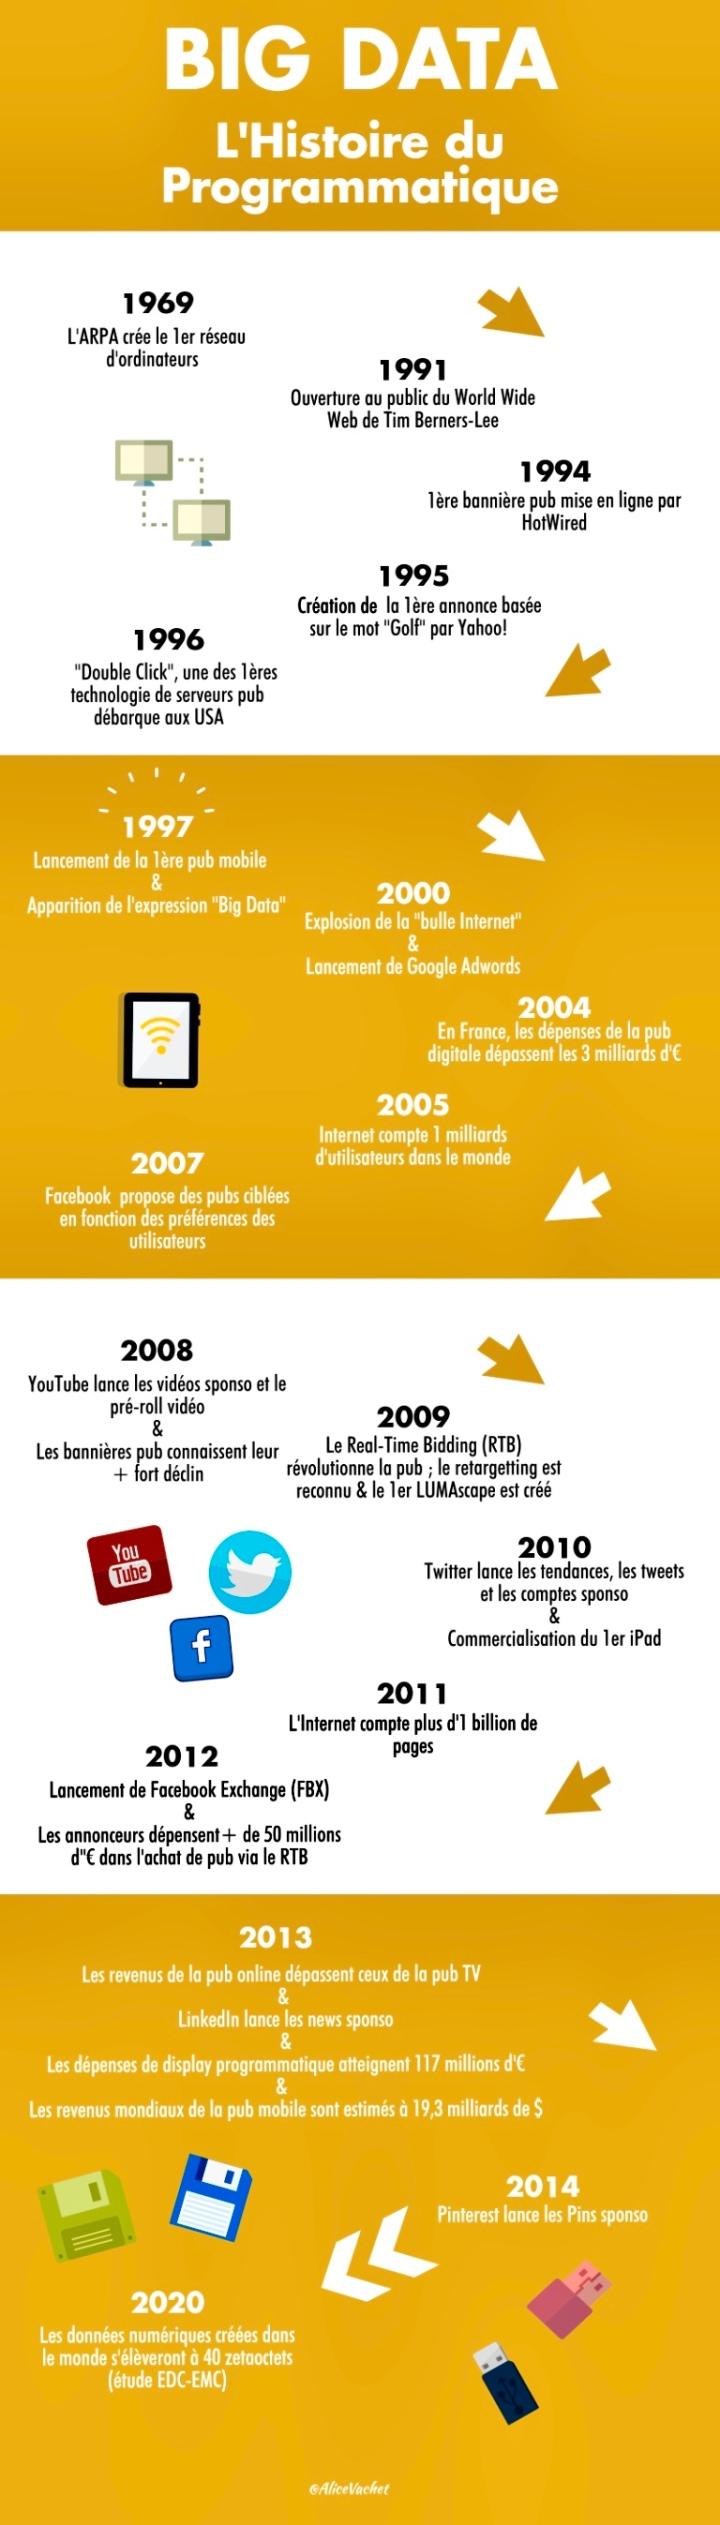 [Infographie] L'histoire du Big Data📚